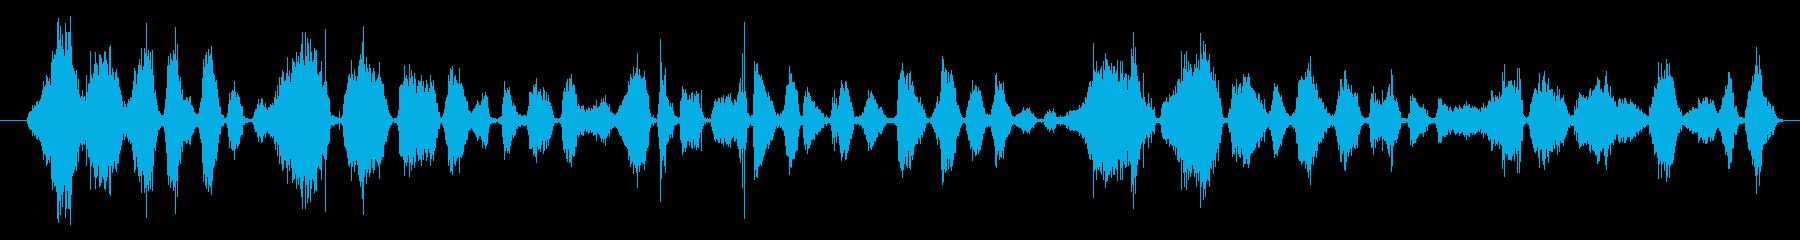 マーカー:ライティング、ロング、ペ...の再生済みの波形